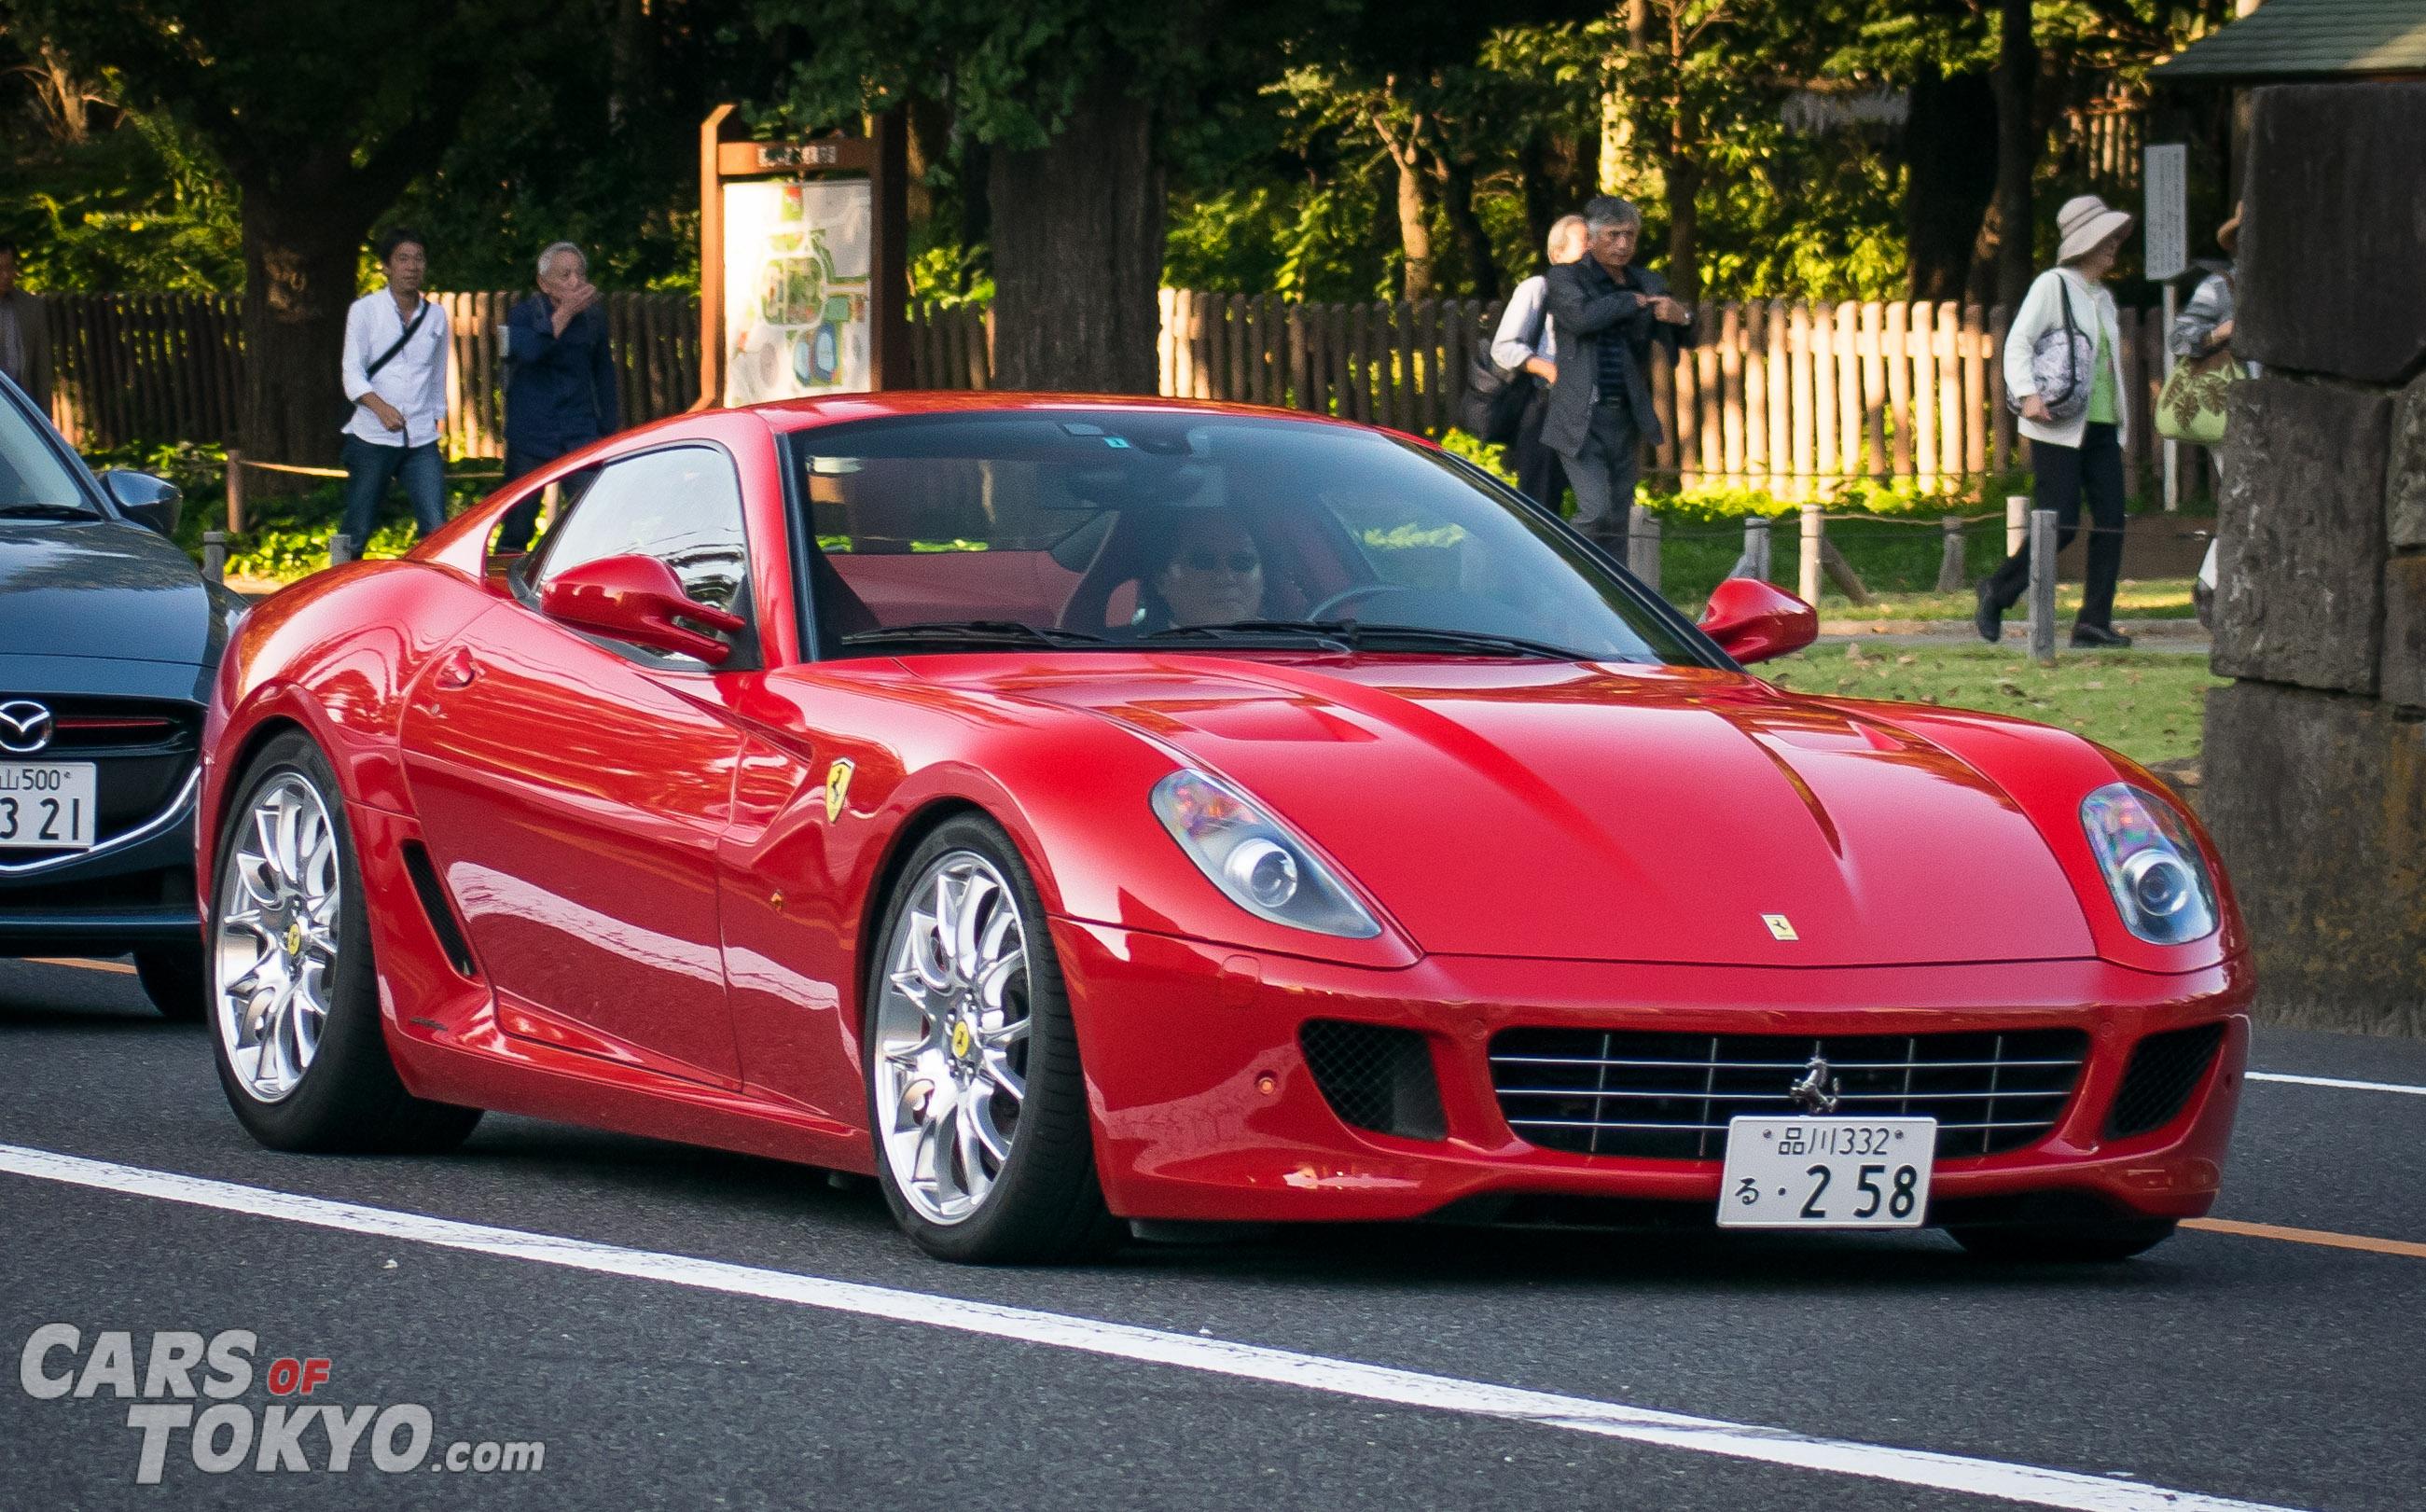 Cars of Tokyo Clean Ferrari 599 GTB